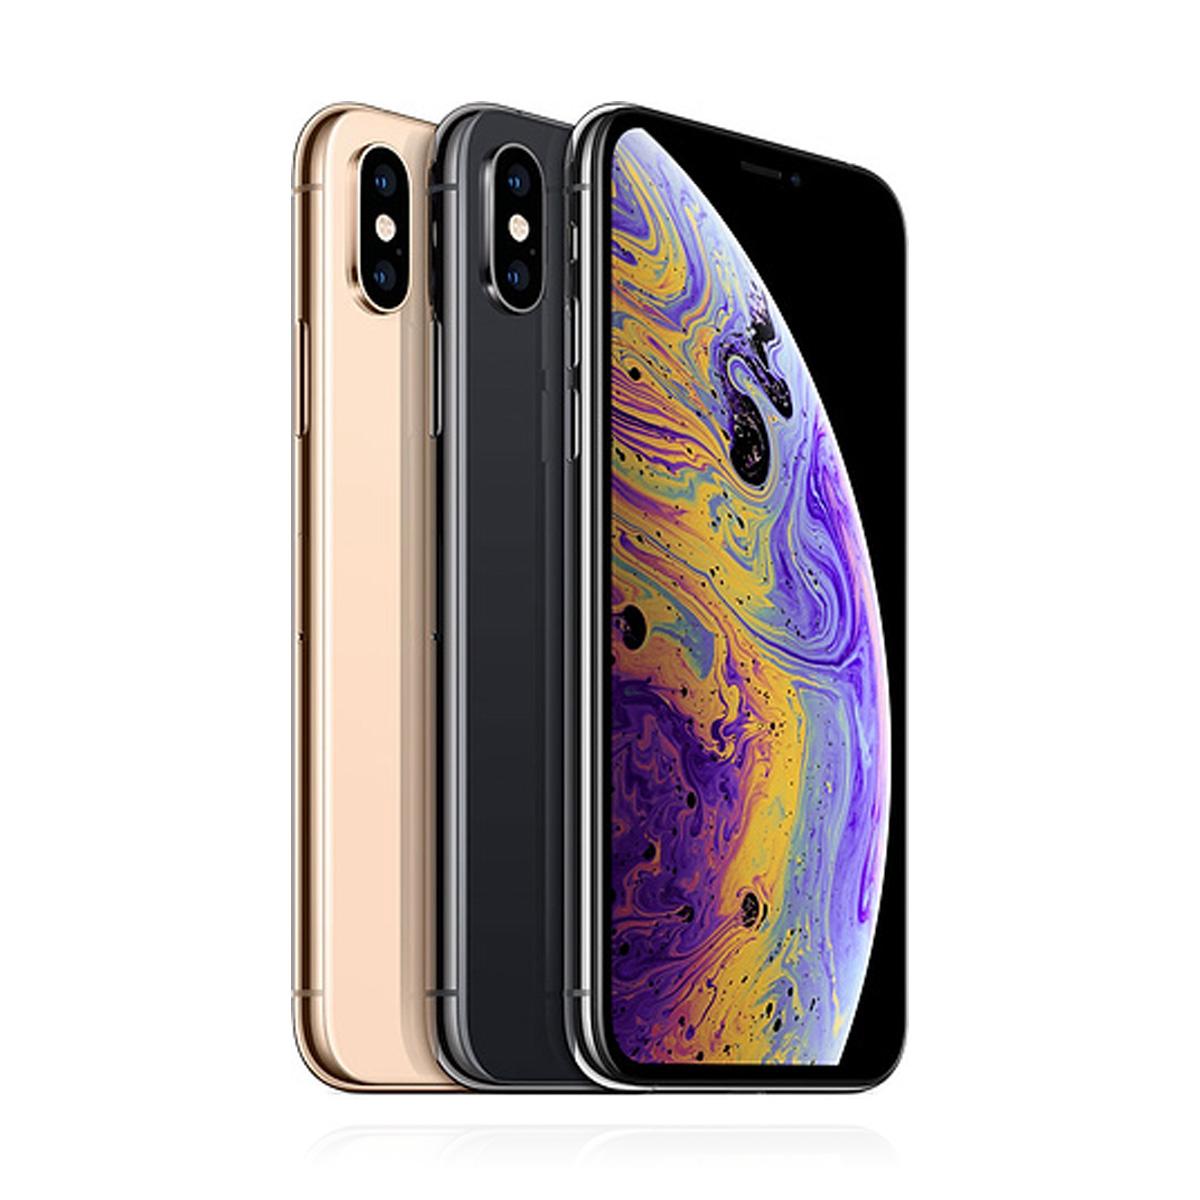 Apple Iphone Günstig Kaufen Auf Clevertronicde